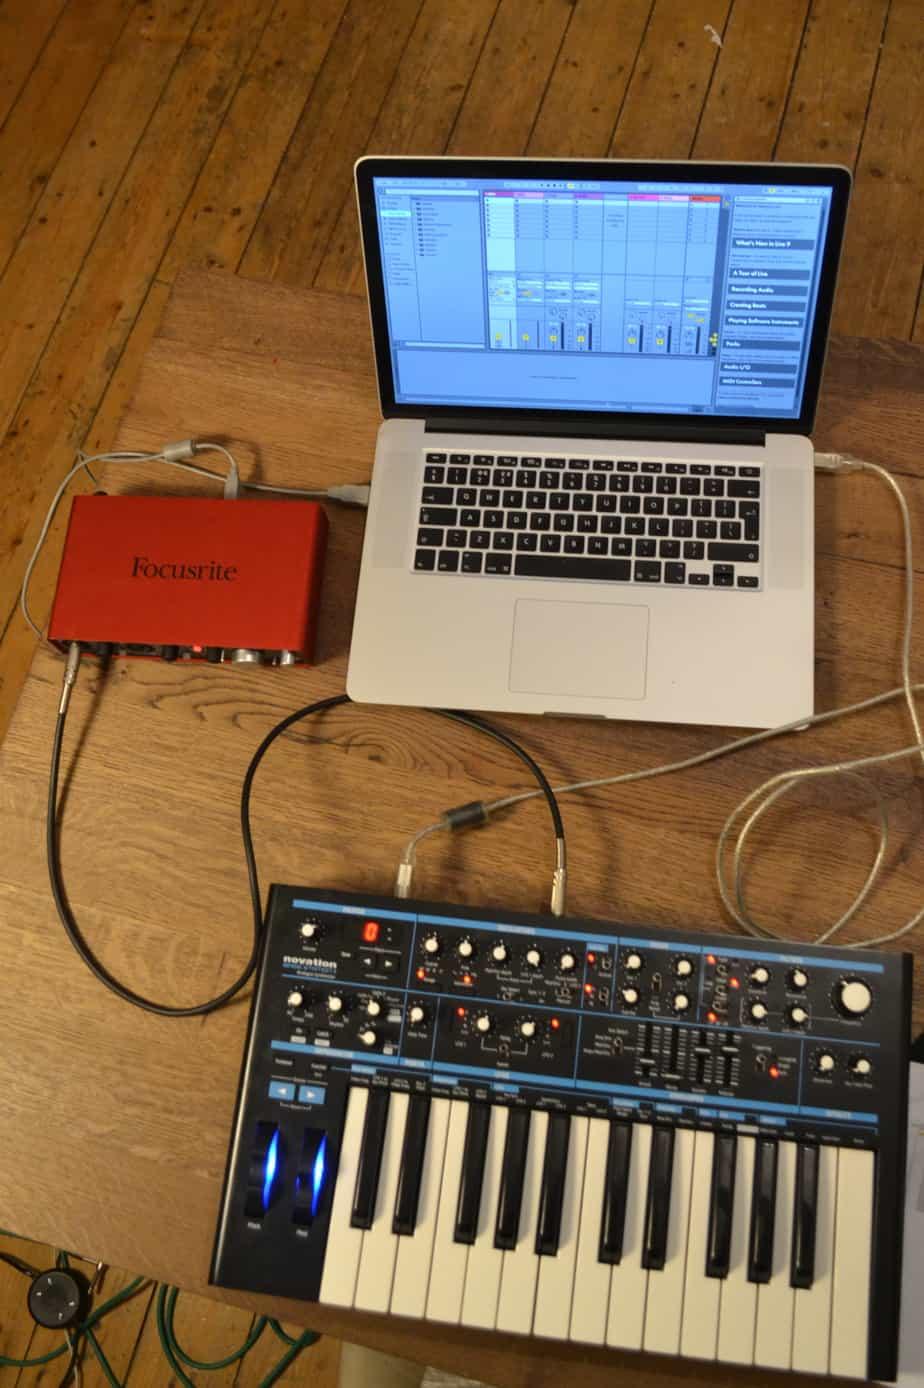 Best Laptop For Music Production 2019 Best Laptops For Music Production 2019   Musician's HQ